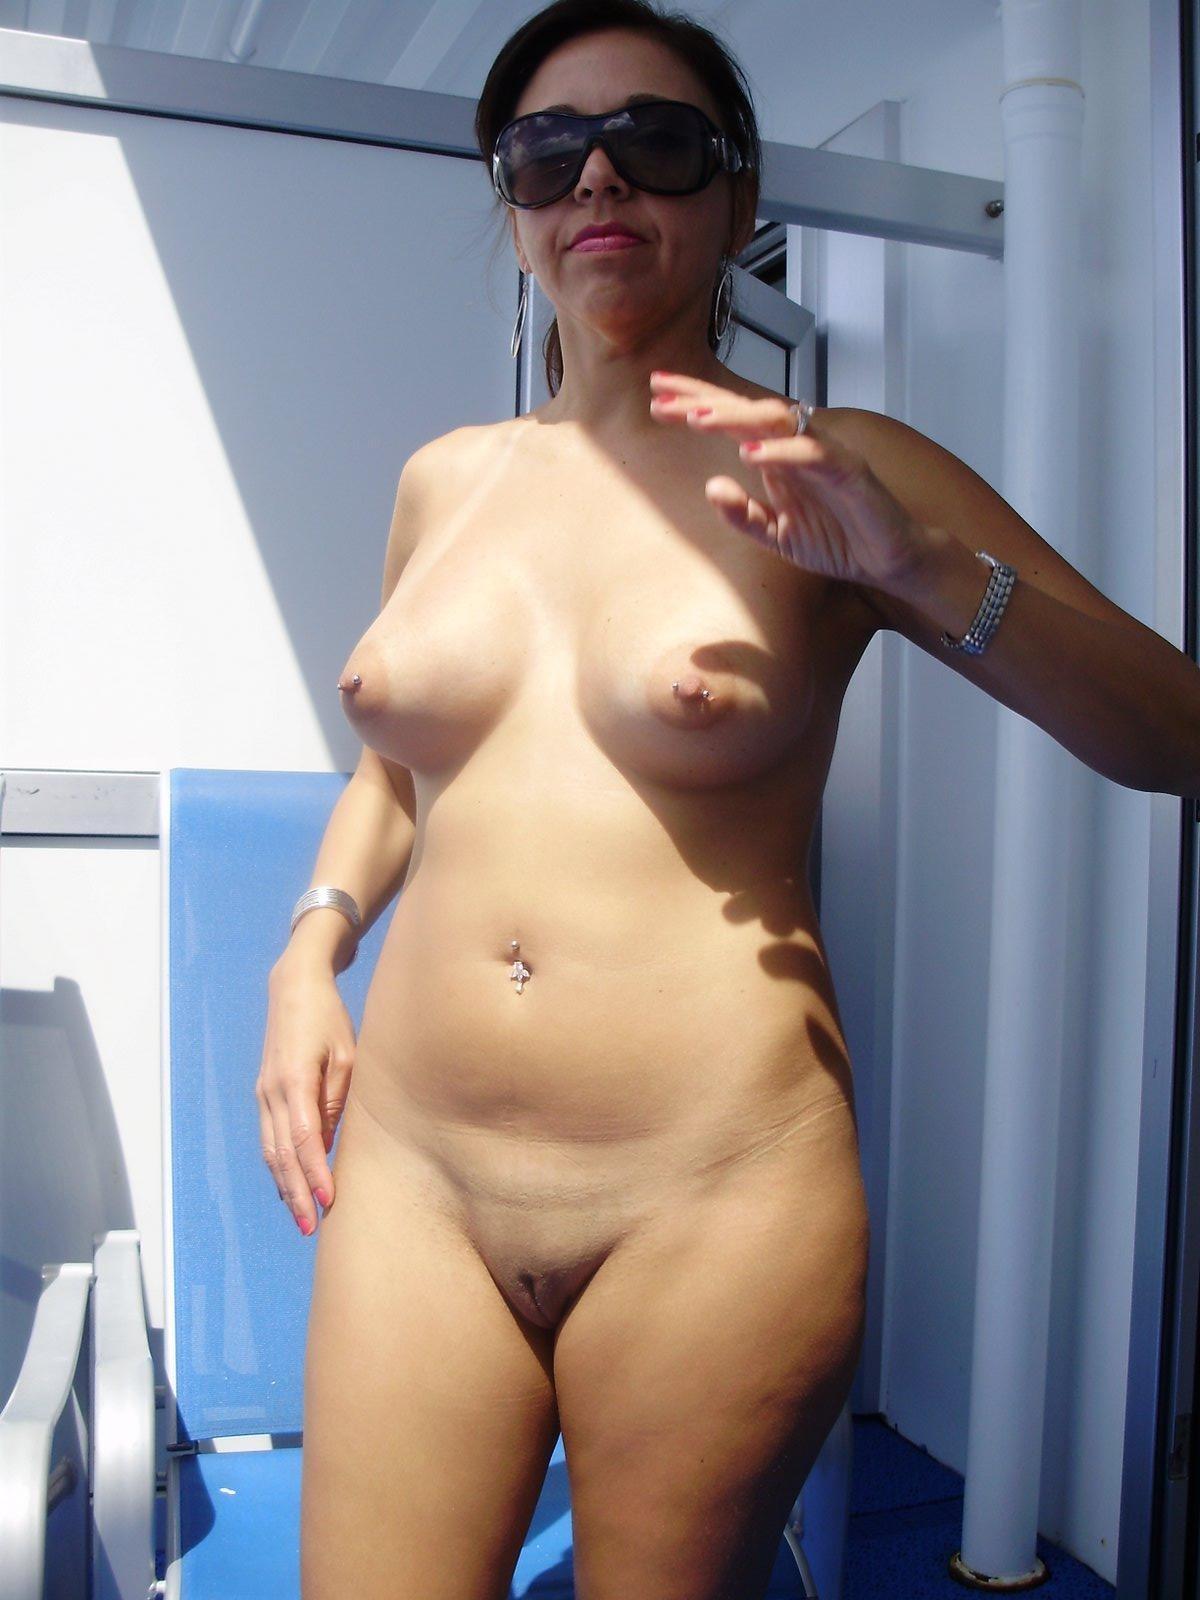 Фото сексуалных женщин 12 фотография